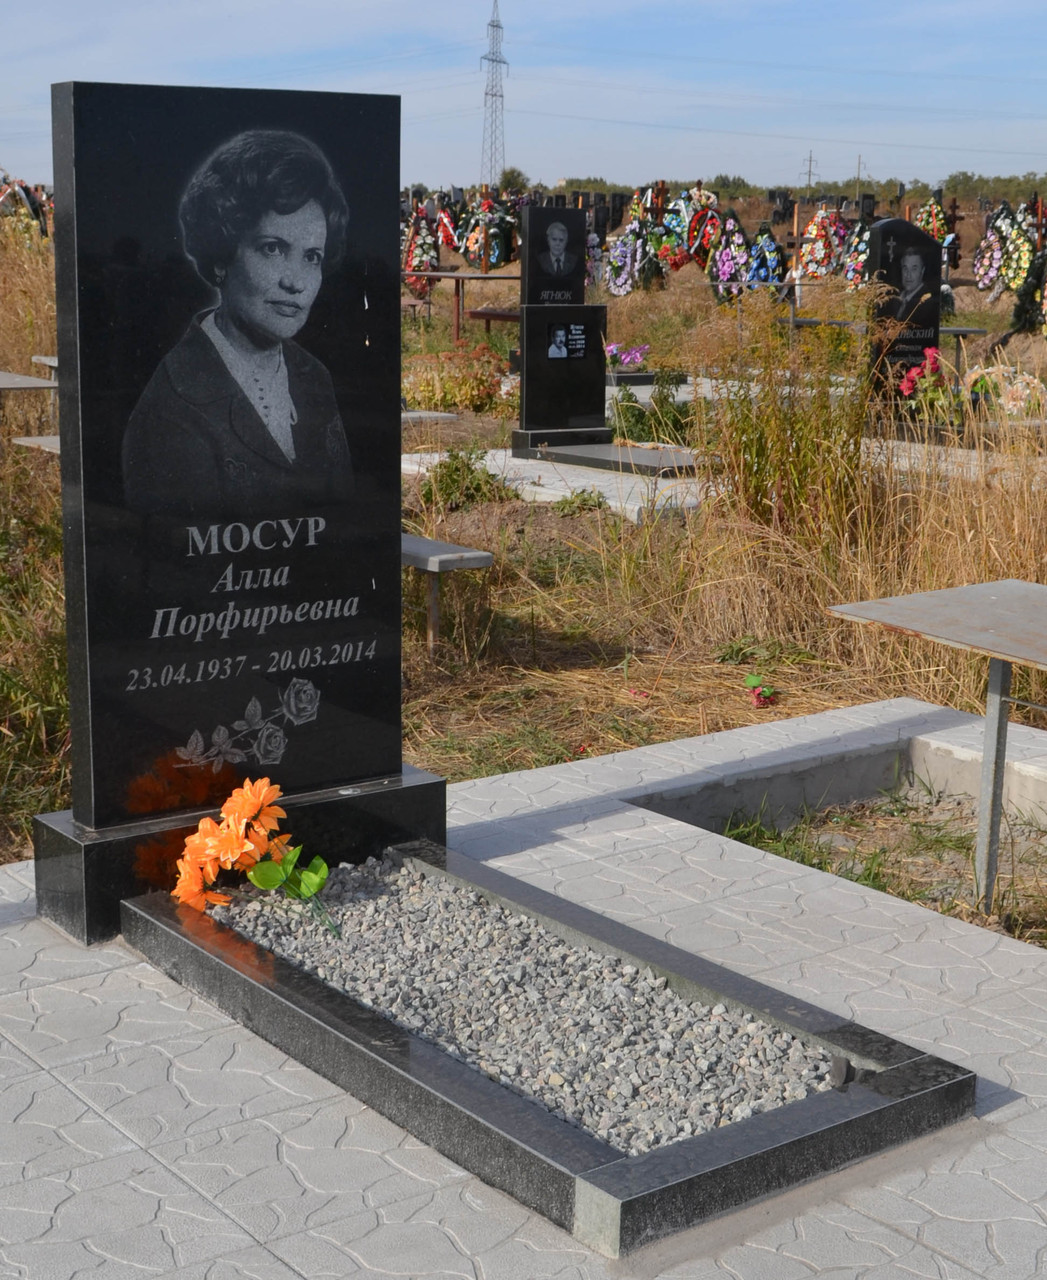 Купить гранитный памятник цена 0 5 памятники на могилу ульяновск цена самара